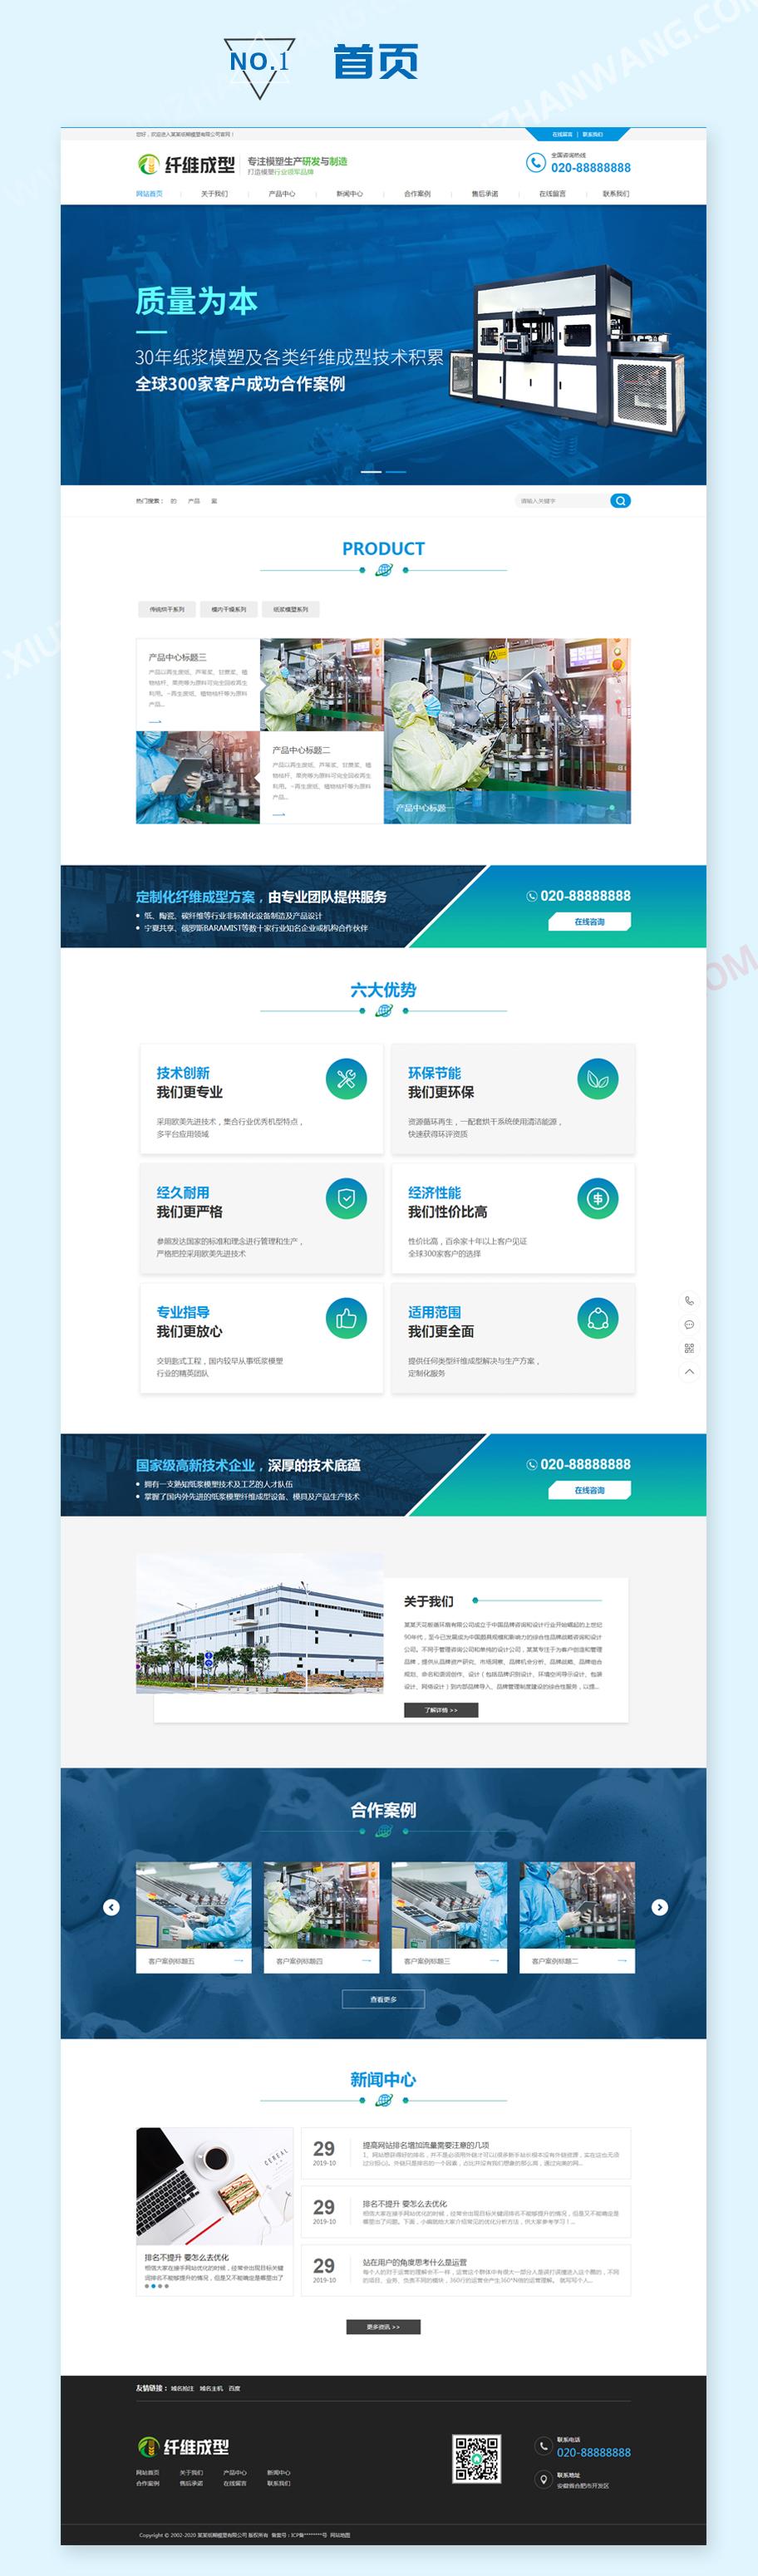 纸糊模塑纤维成网站建设/设计/制作